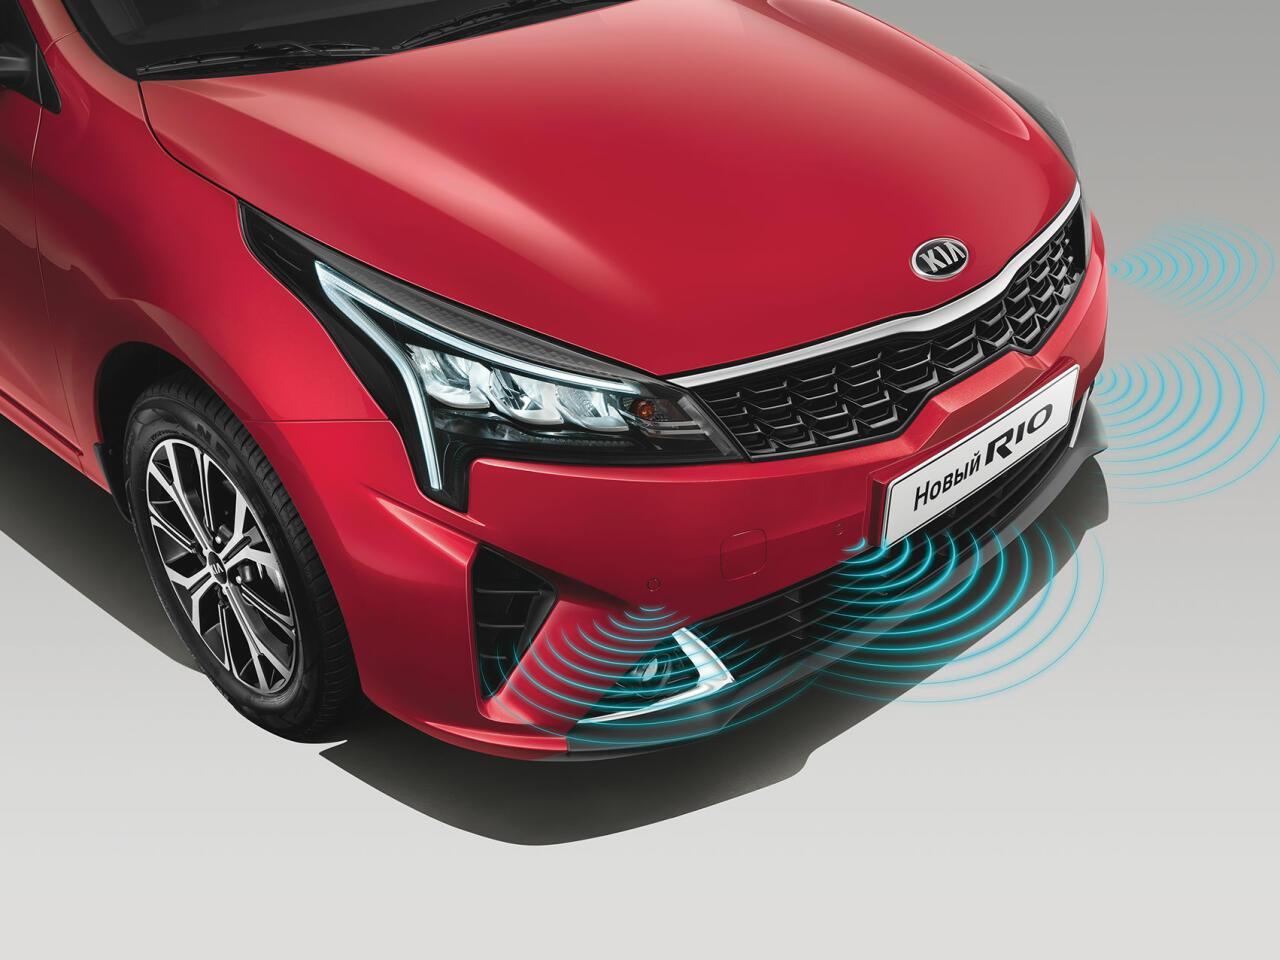 KIA обновила логотип и показала свой первый электромобиль